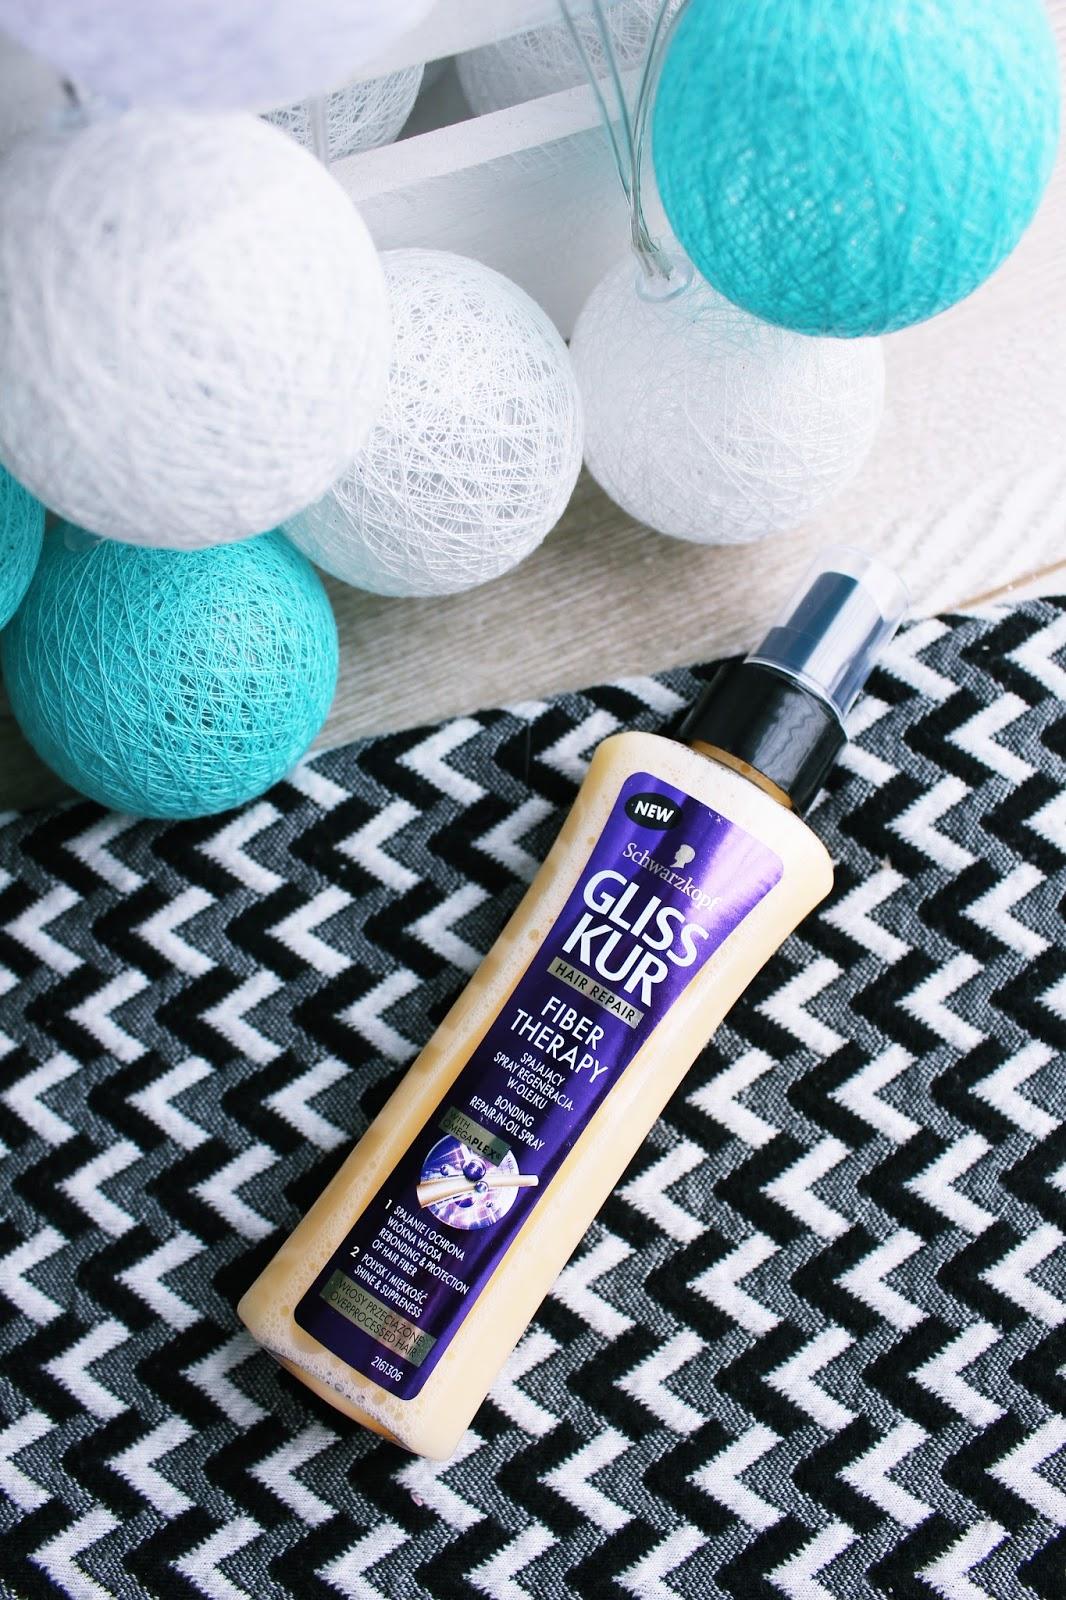 Gliss Kur, Fiber Therapy, spajający spray do włosów, eliksir, regeneracja w olejku